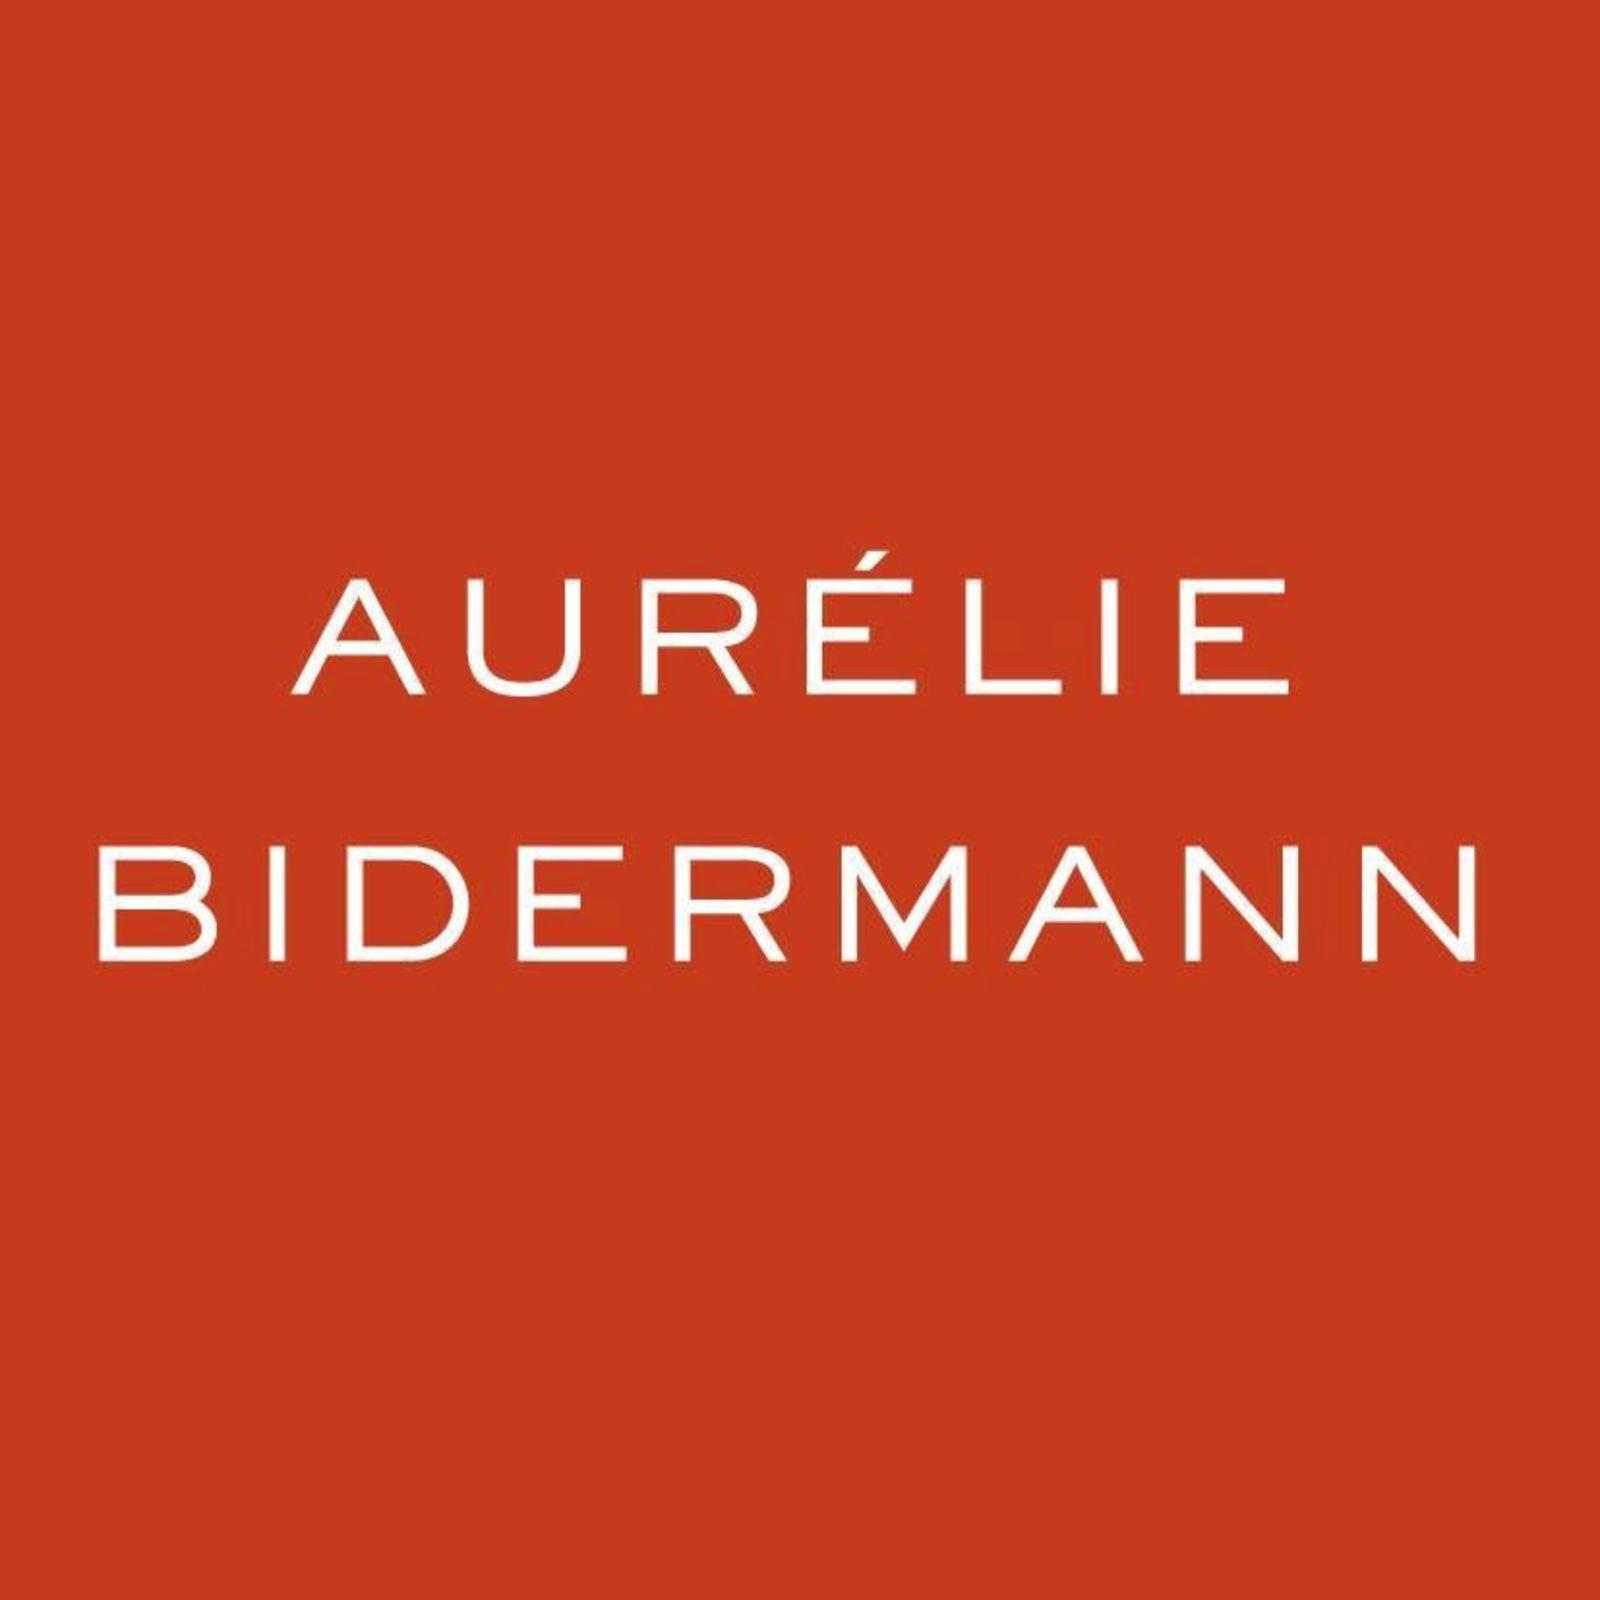 AURÉLIE BIDERMAN